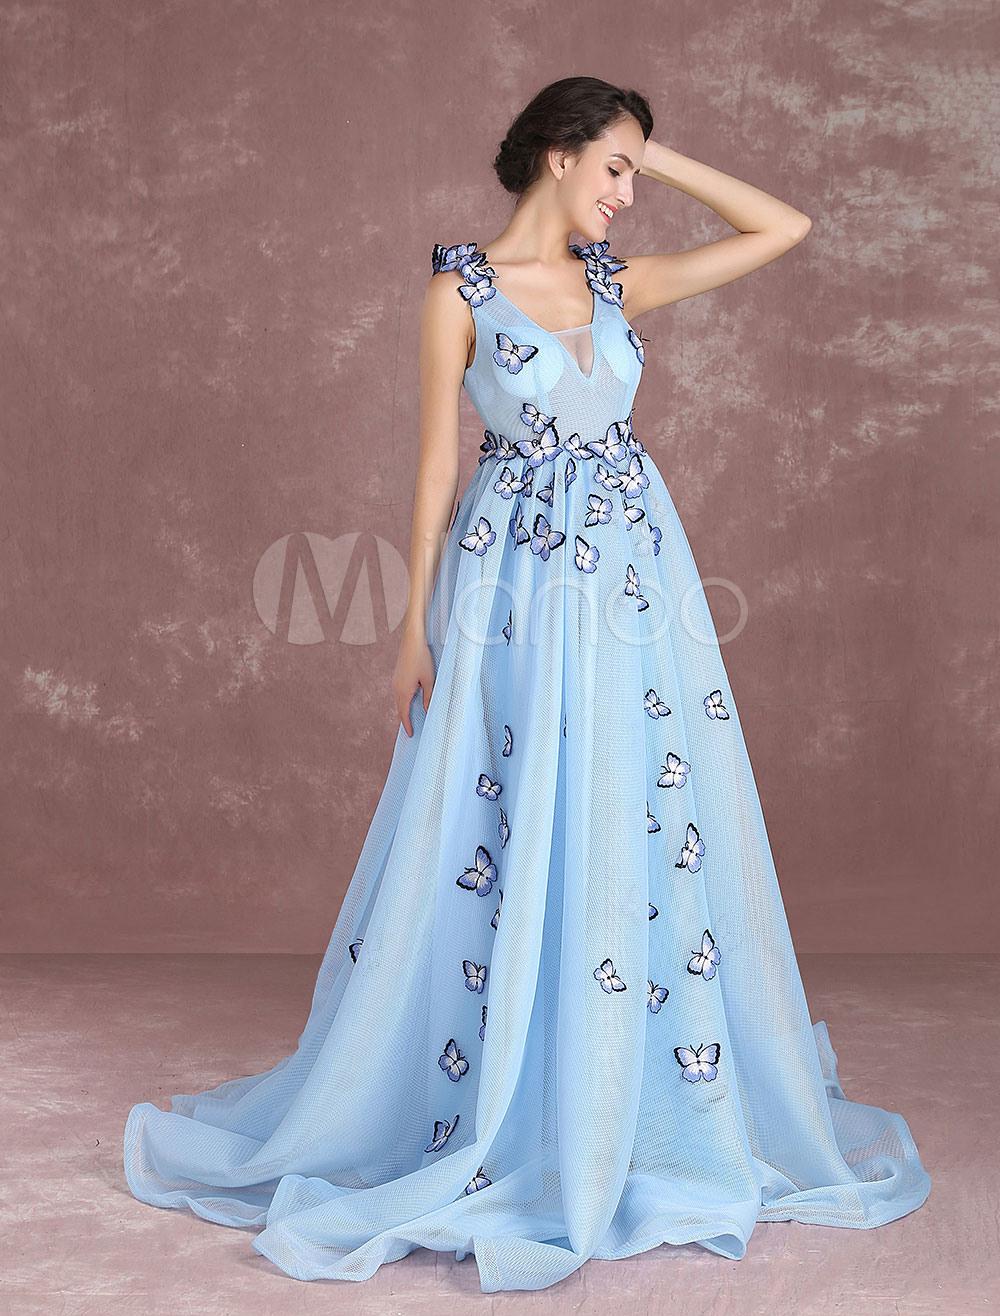 Abend Genial Abendkleid Prinzessin Boutique17 Großartig Abendkleid Prinzessin Boutique